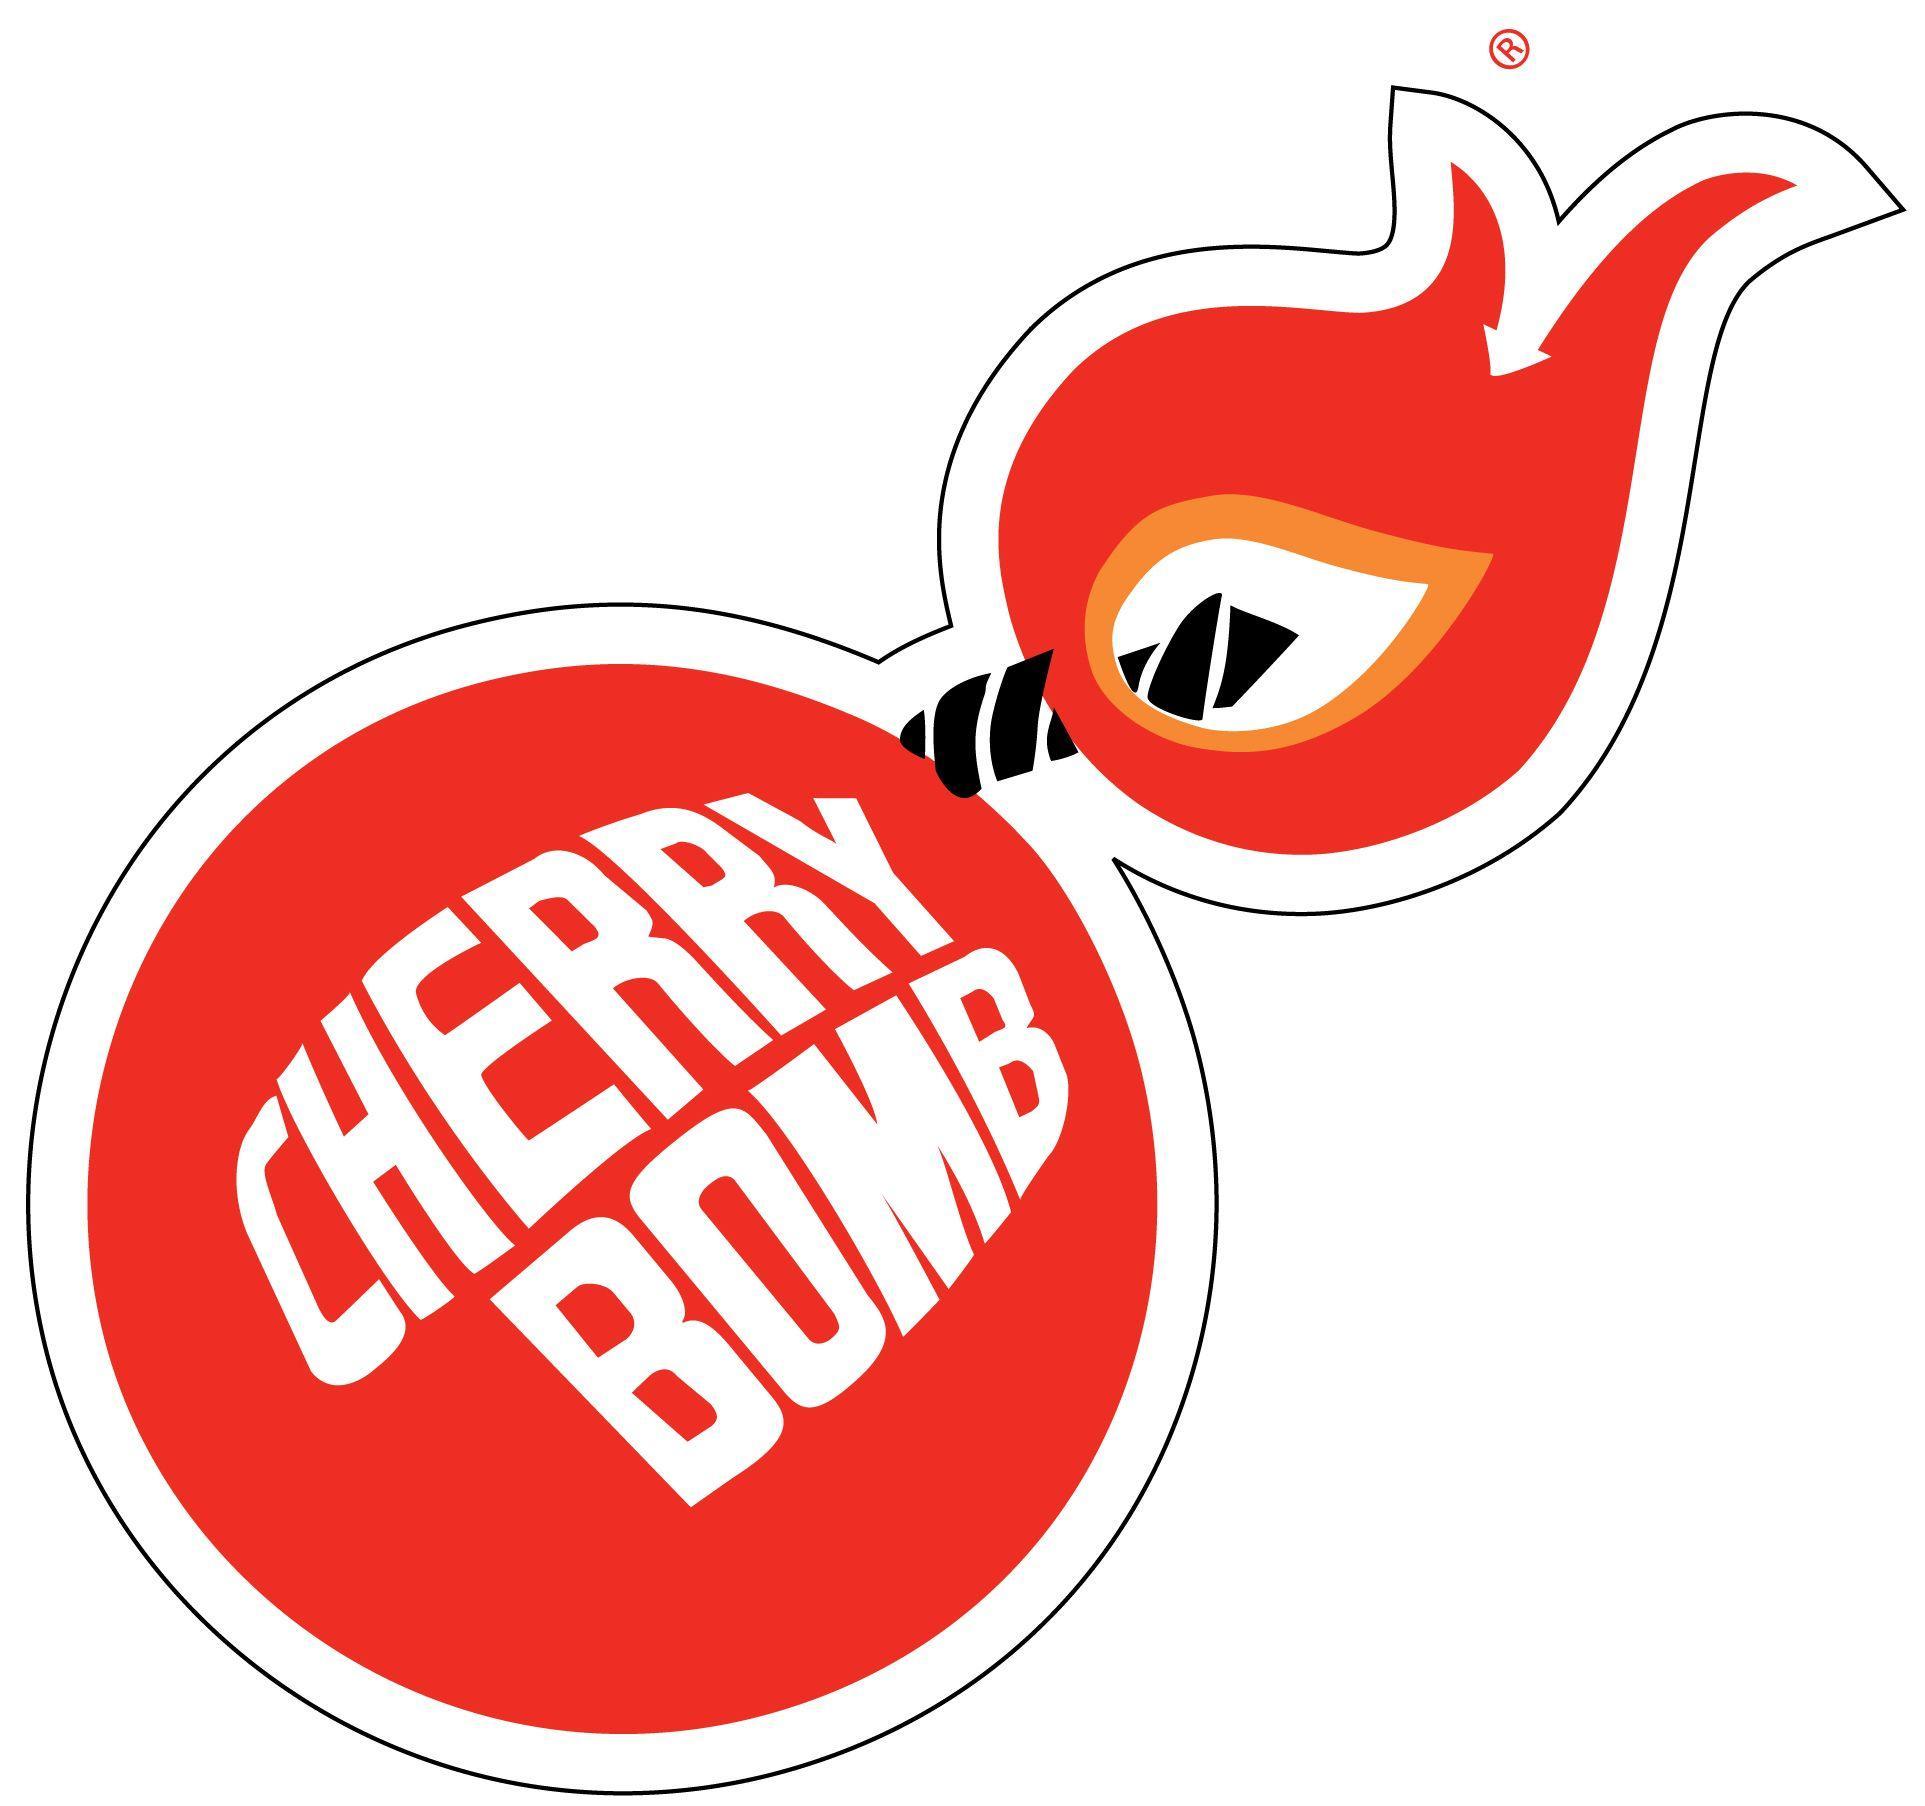 cherry bomb logo logodix